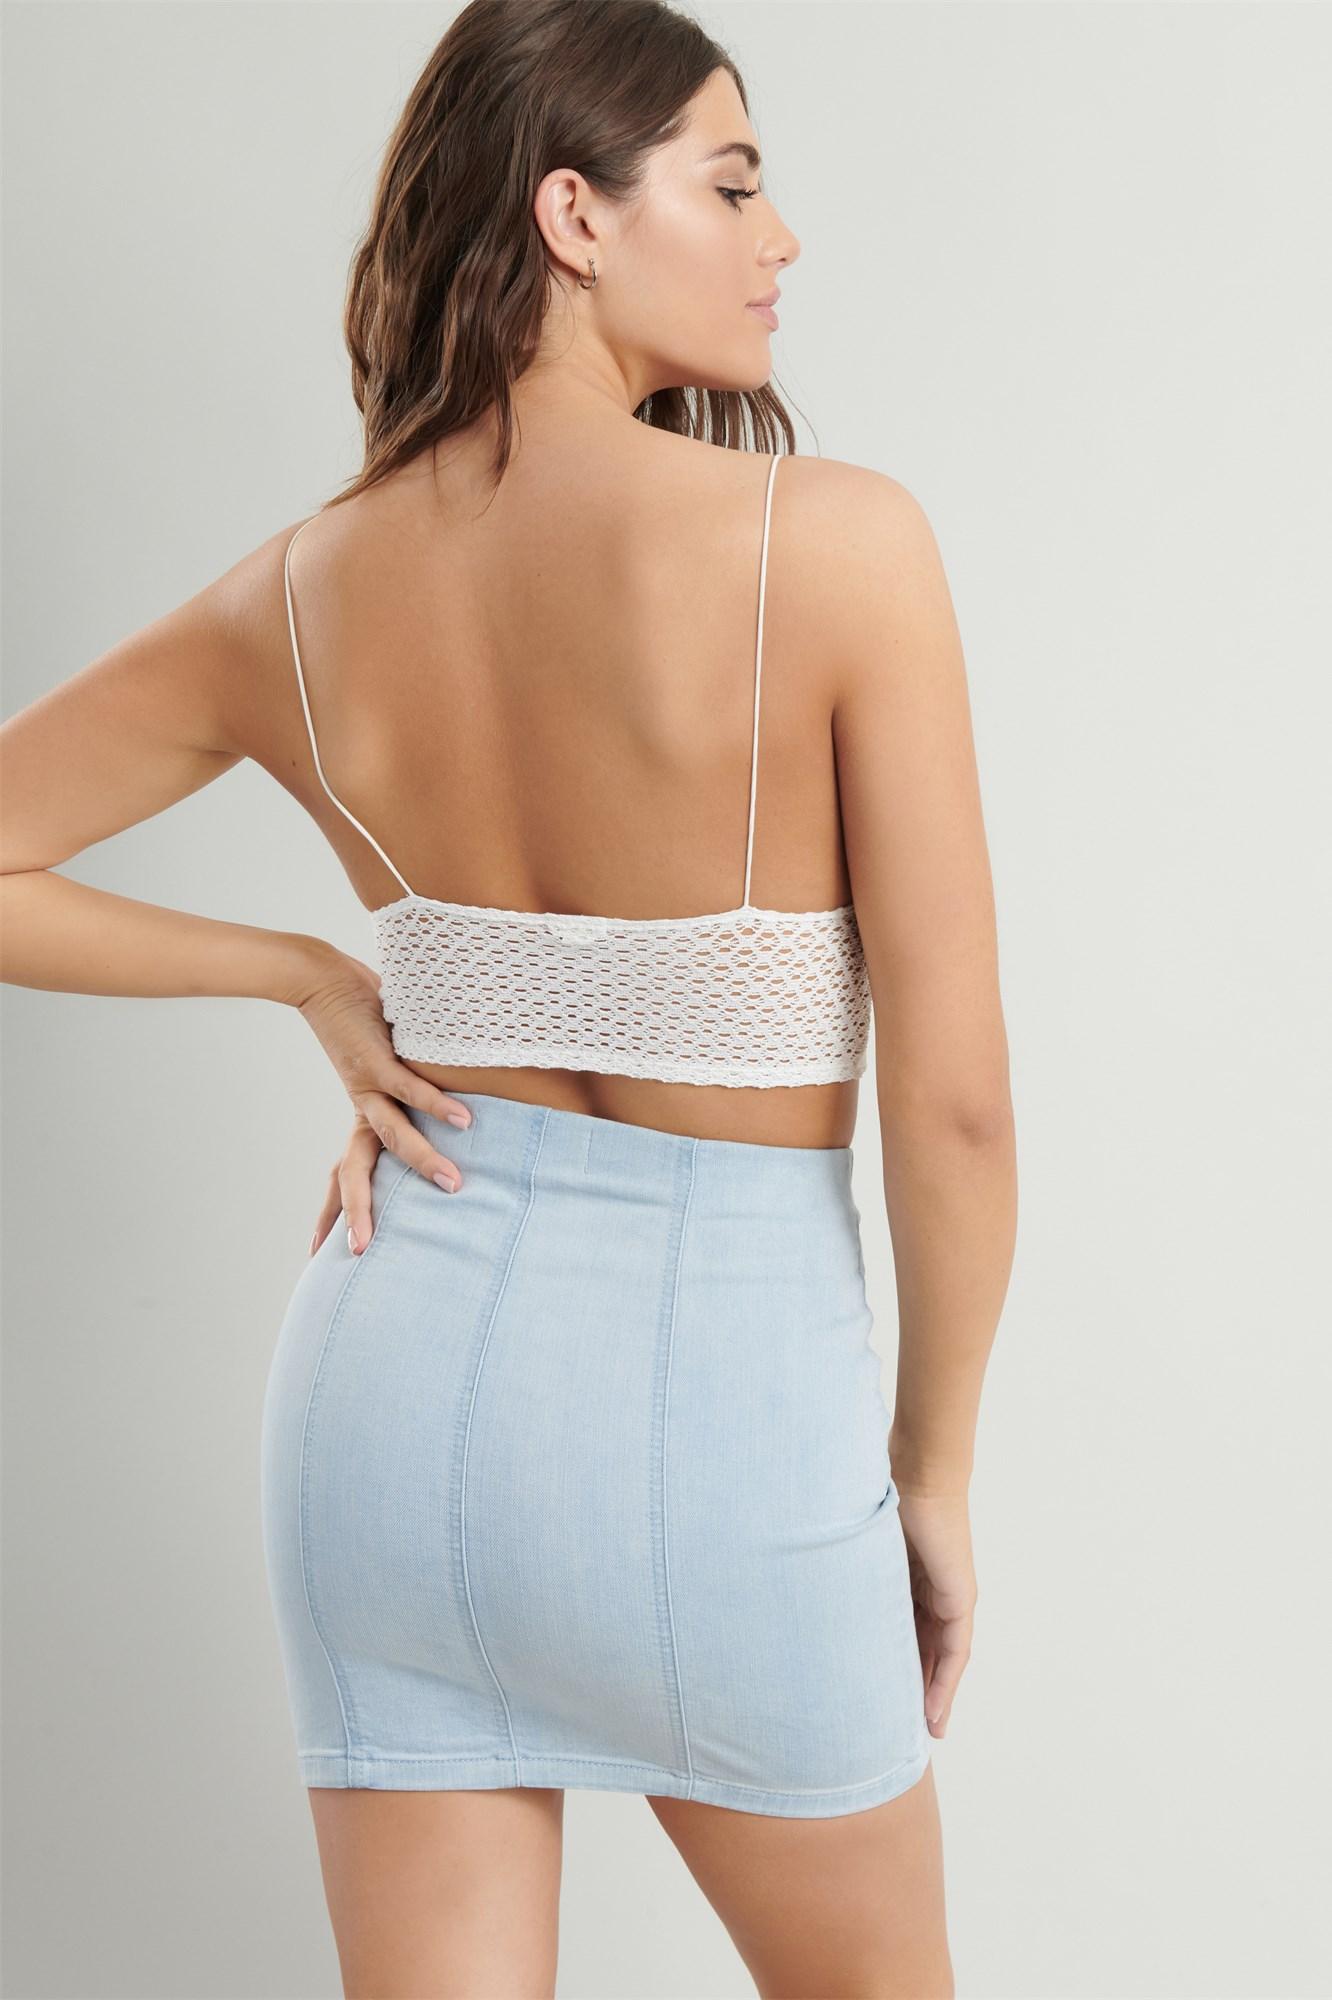 Image 3 of Ultra High Rise Denim Skirt